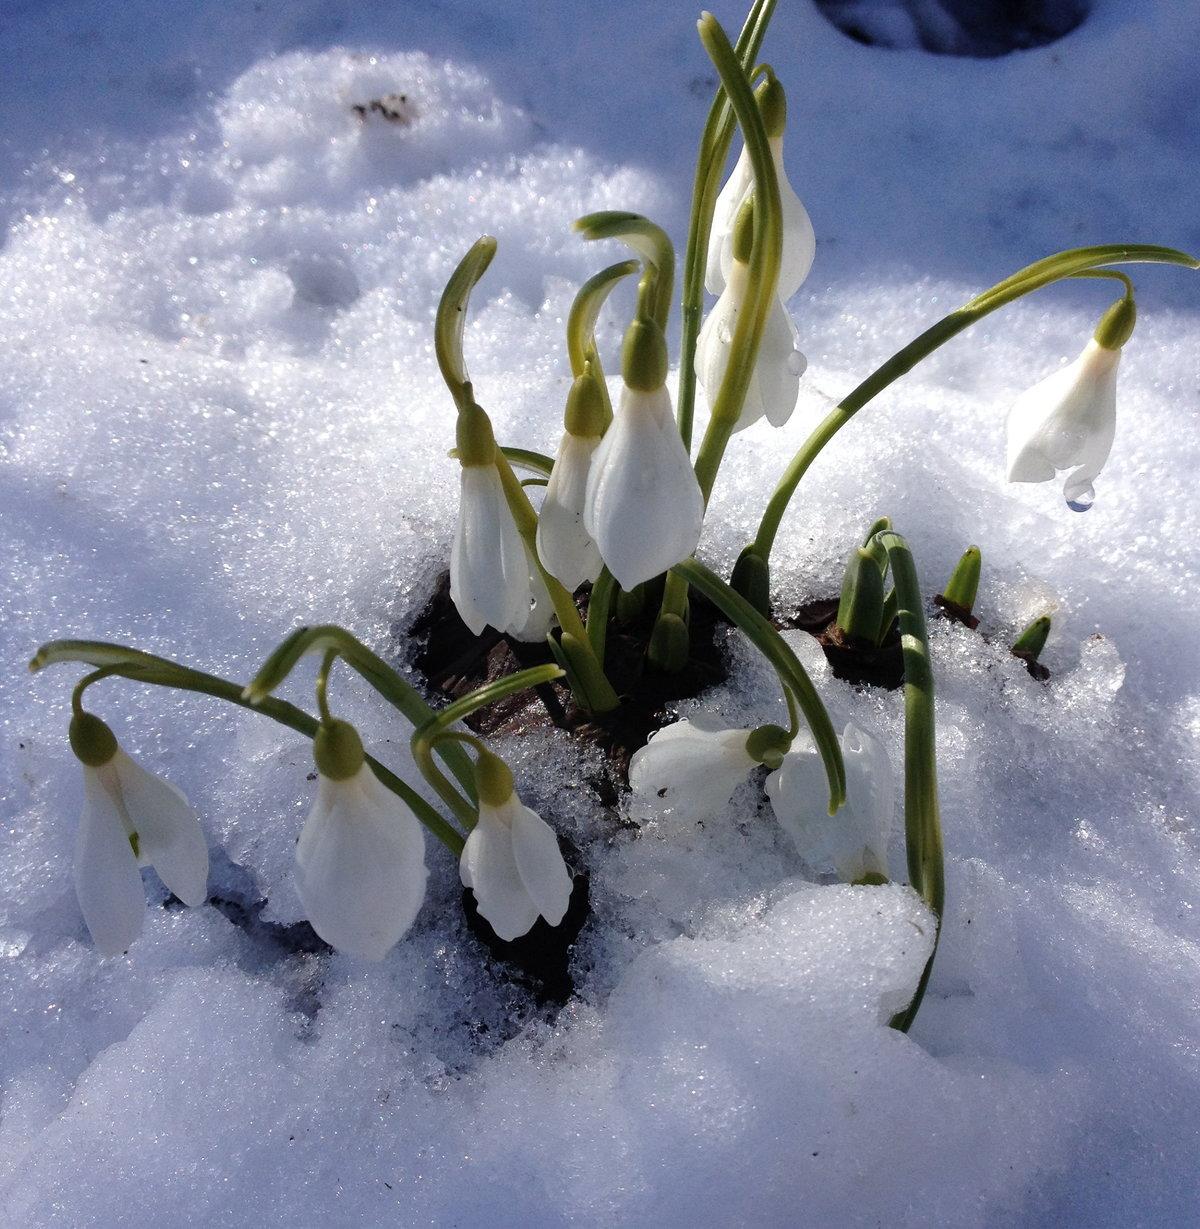 картинки гифки снег и подснежники рождения ребенка